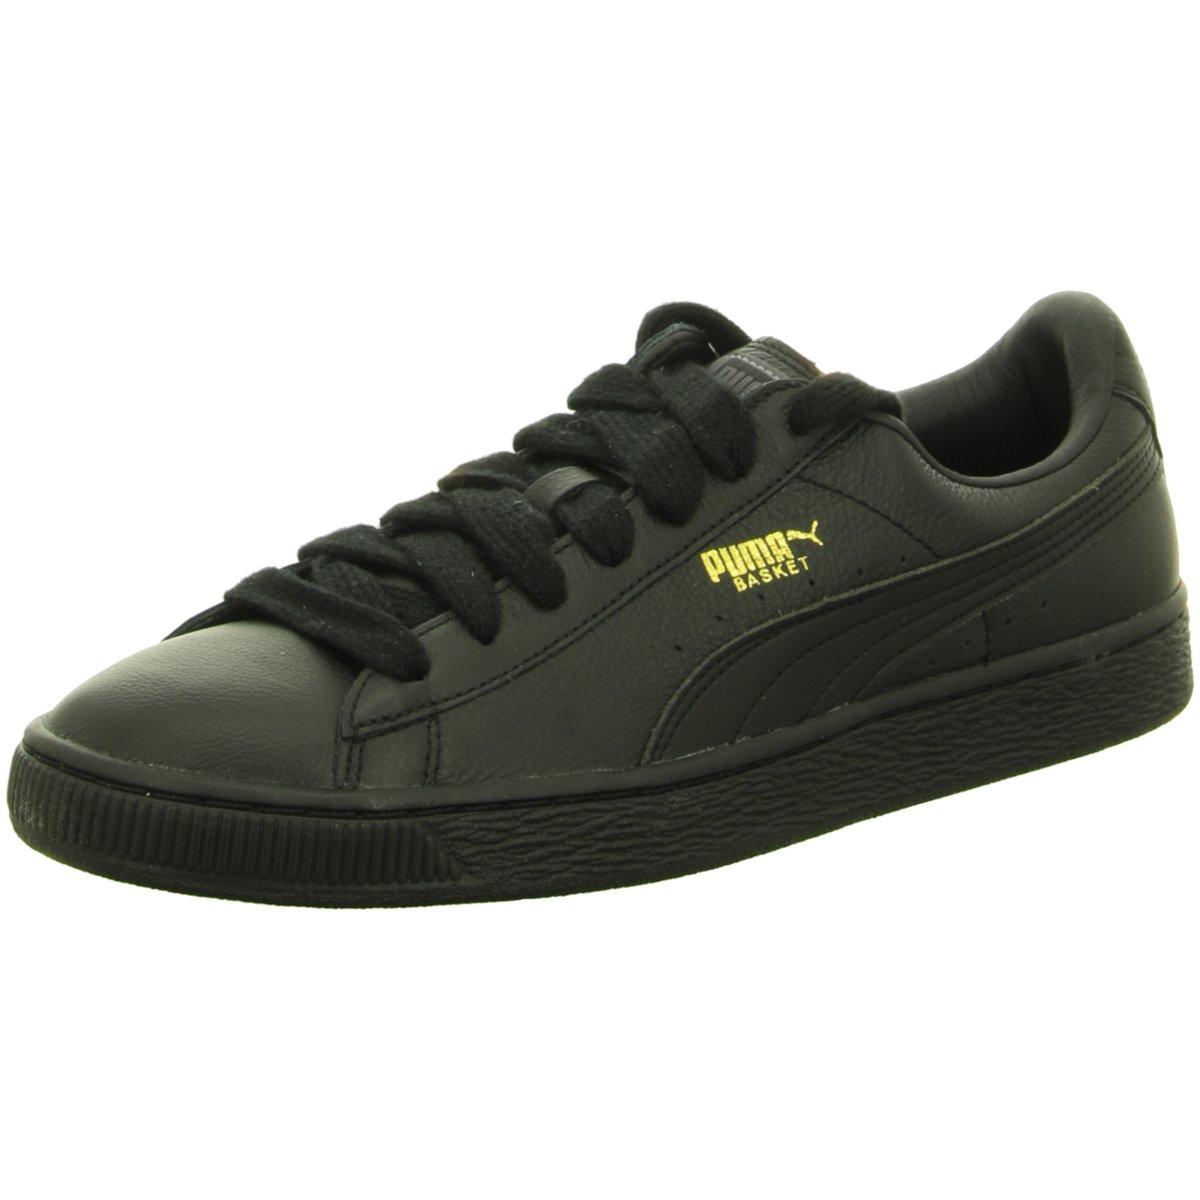 NEU Puma Herren Sneaker Basket Classic LFS Sneaker Herren Schuhe schwarz 354367